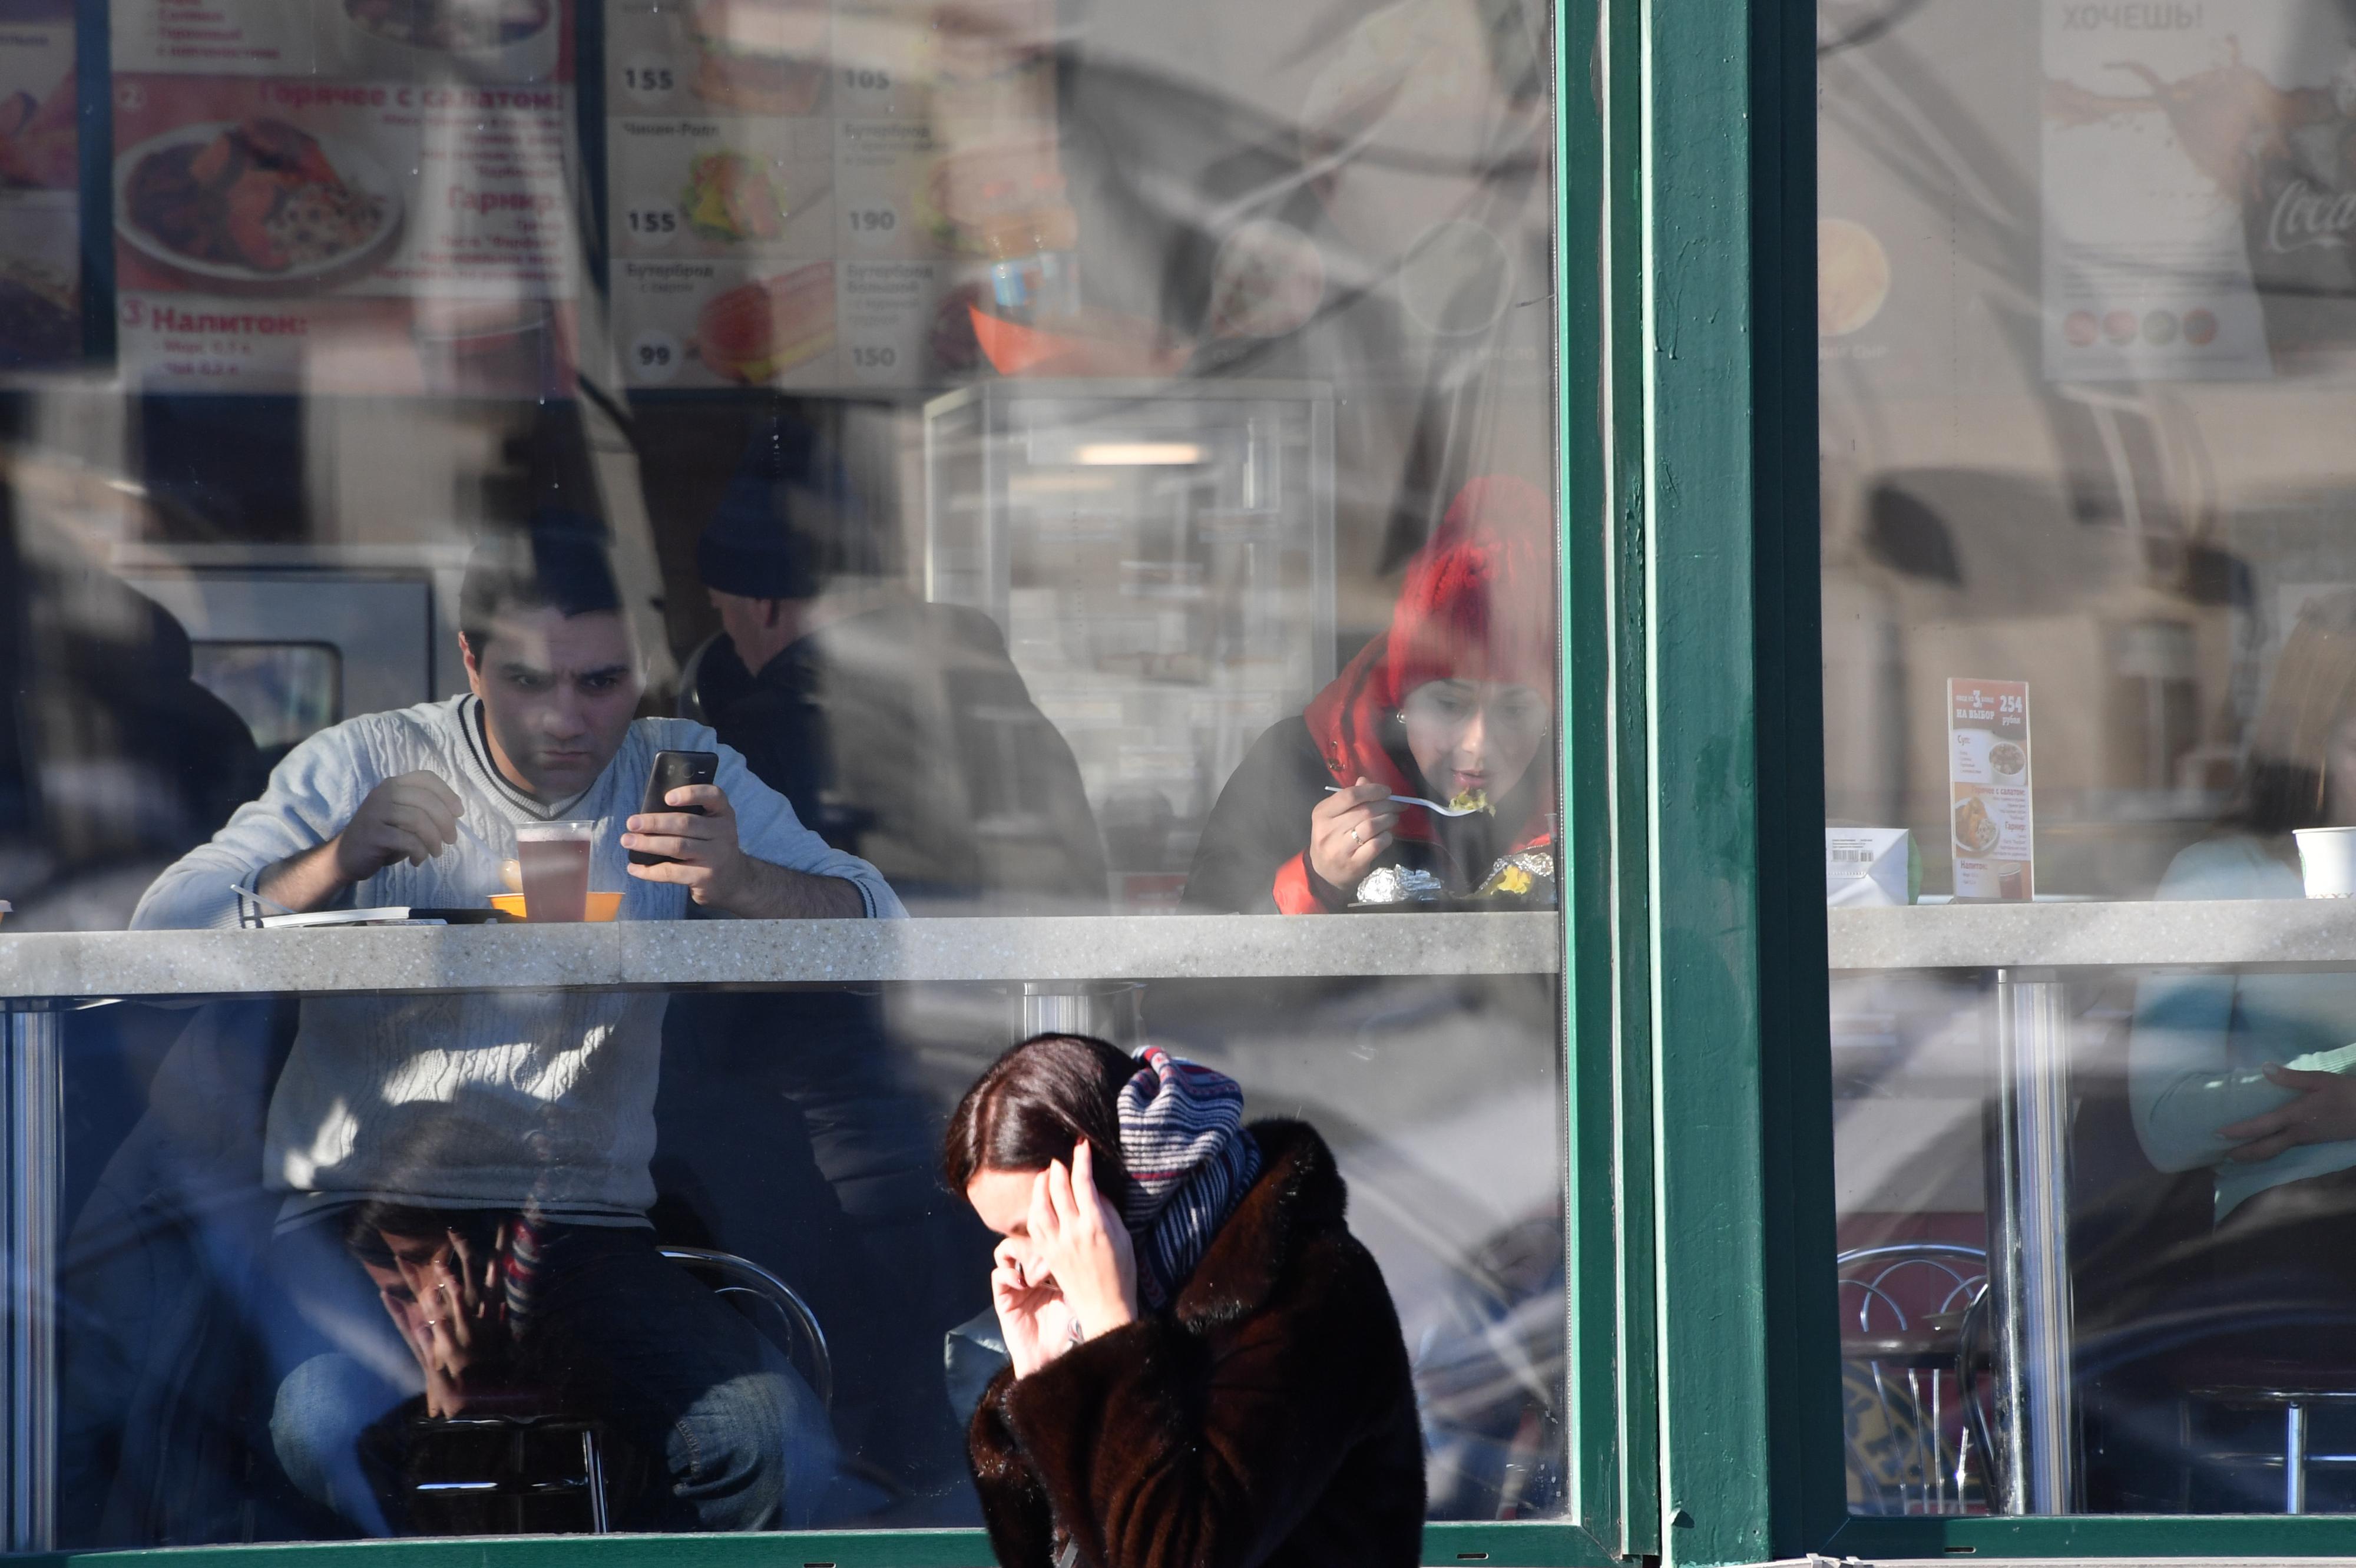 Впроцессе просмотра футбола водном изворонежских кафе скончался школьник